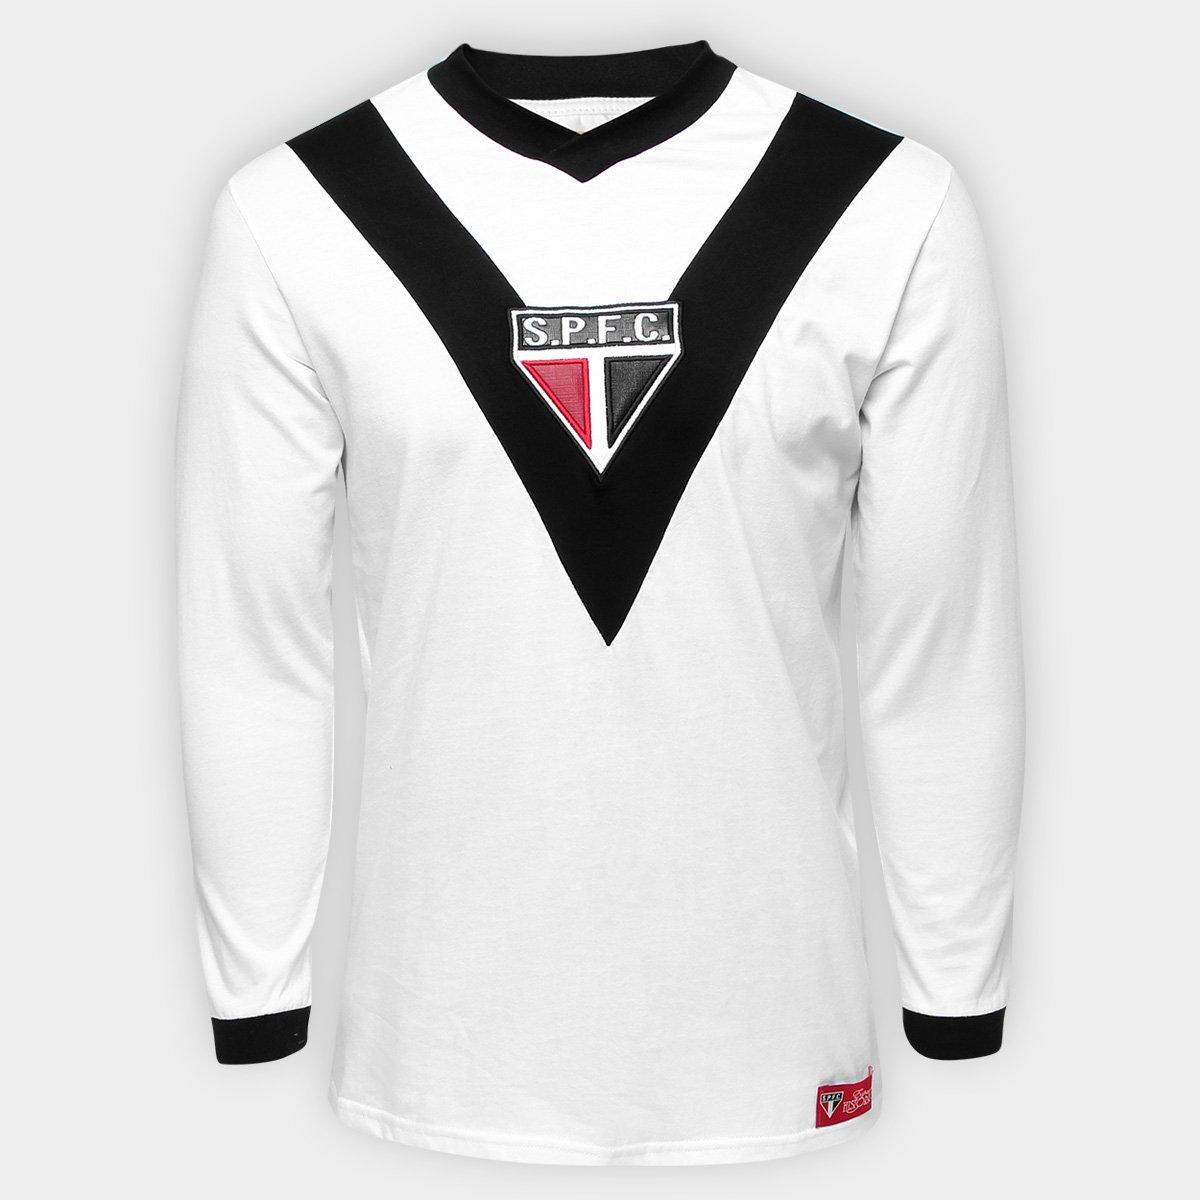 f7b67f69ccc Camisa Retrô São Paulo Goleiro SPFC 1930 Manga Longa Masculina - Compre  Agora